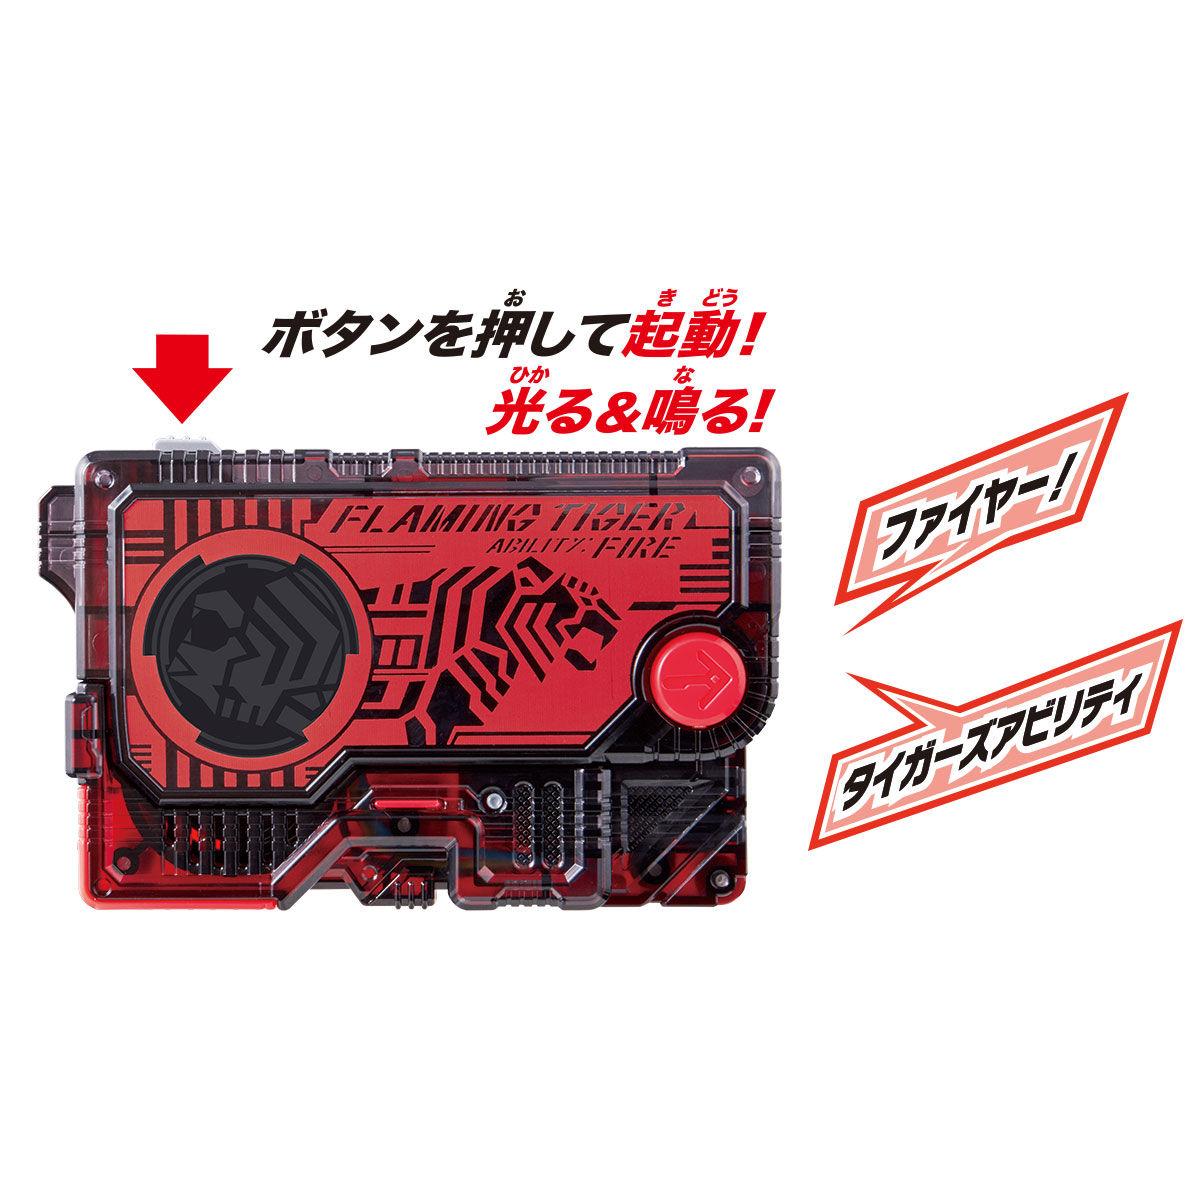 仮面ライダーゼロワン『DXフレイミングタイガープログライズキー』変身なりきり-006